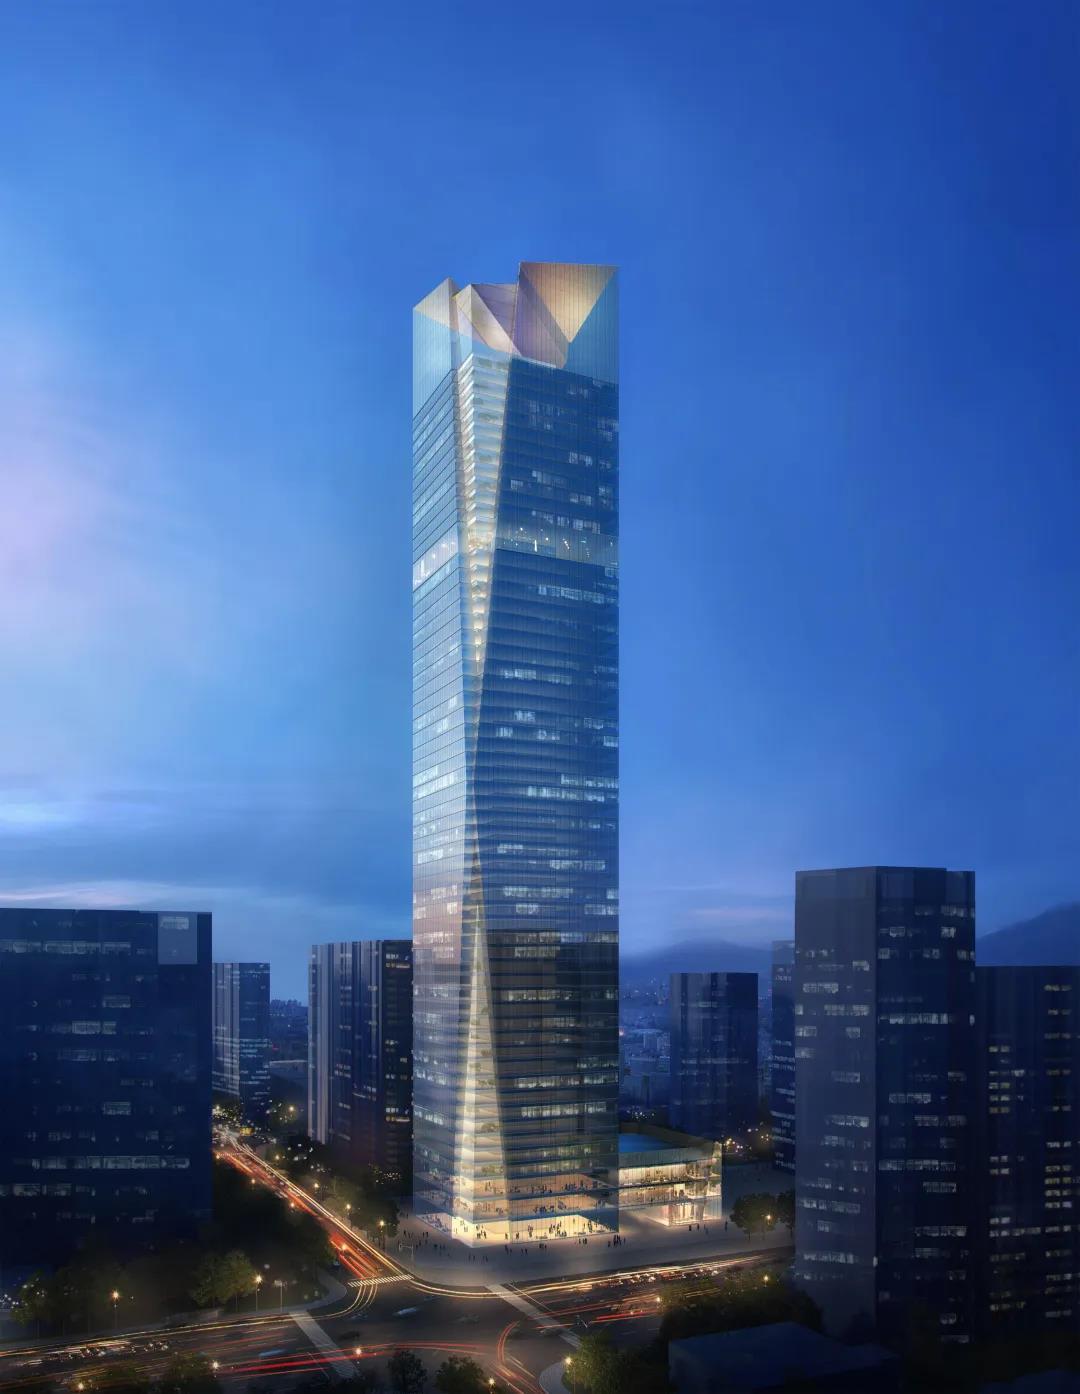 迅达电梯+荣民金融中心: 西安北城第一高